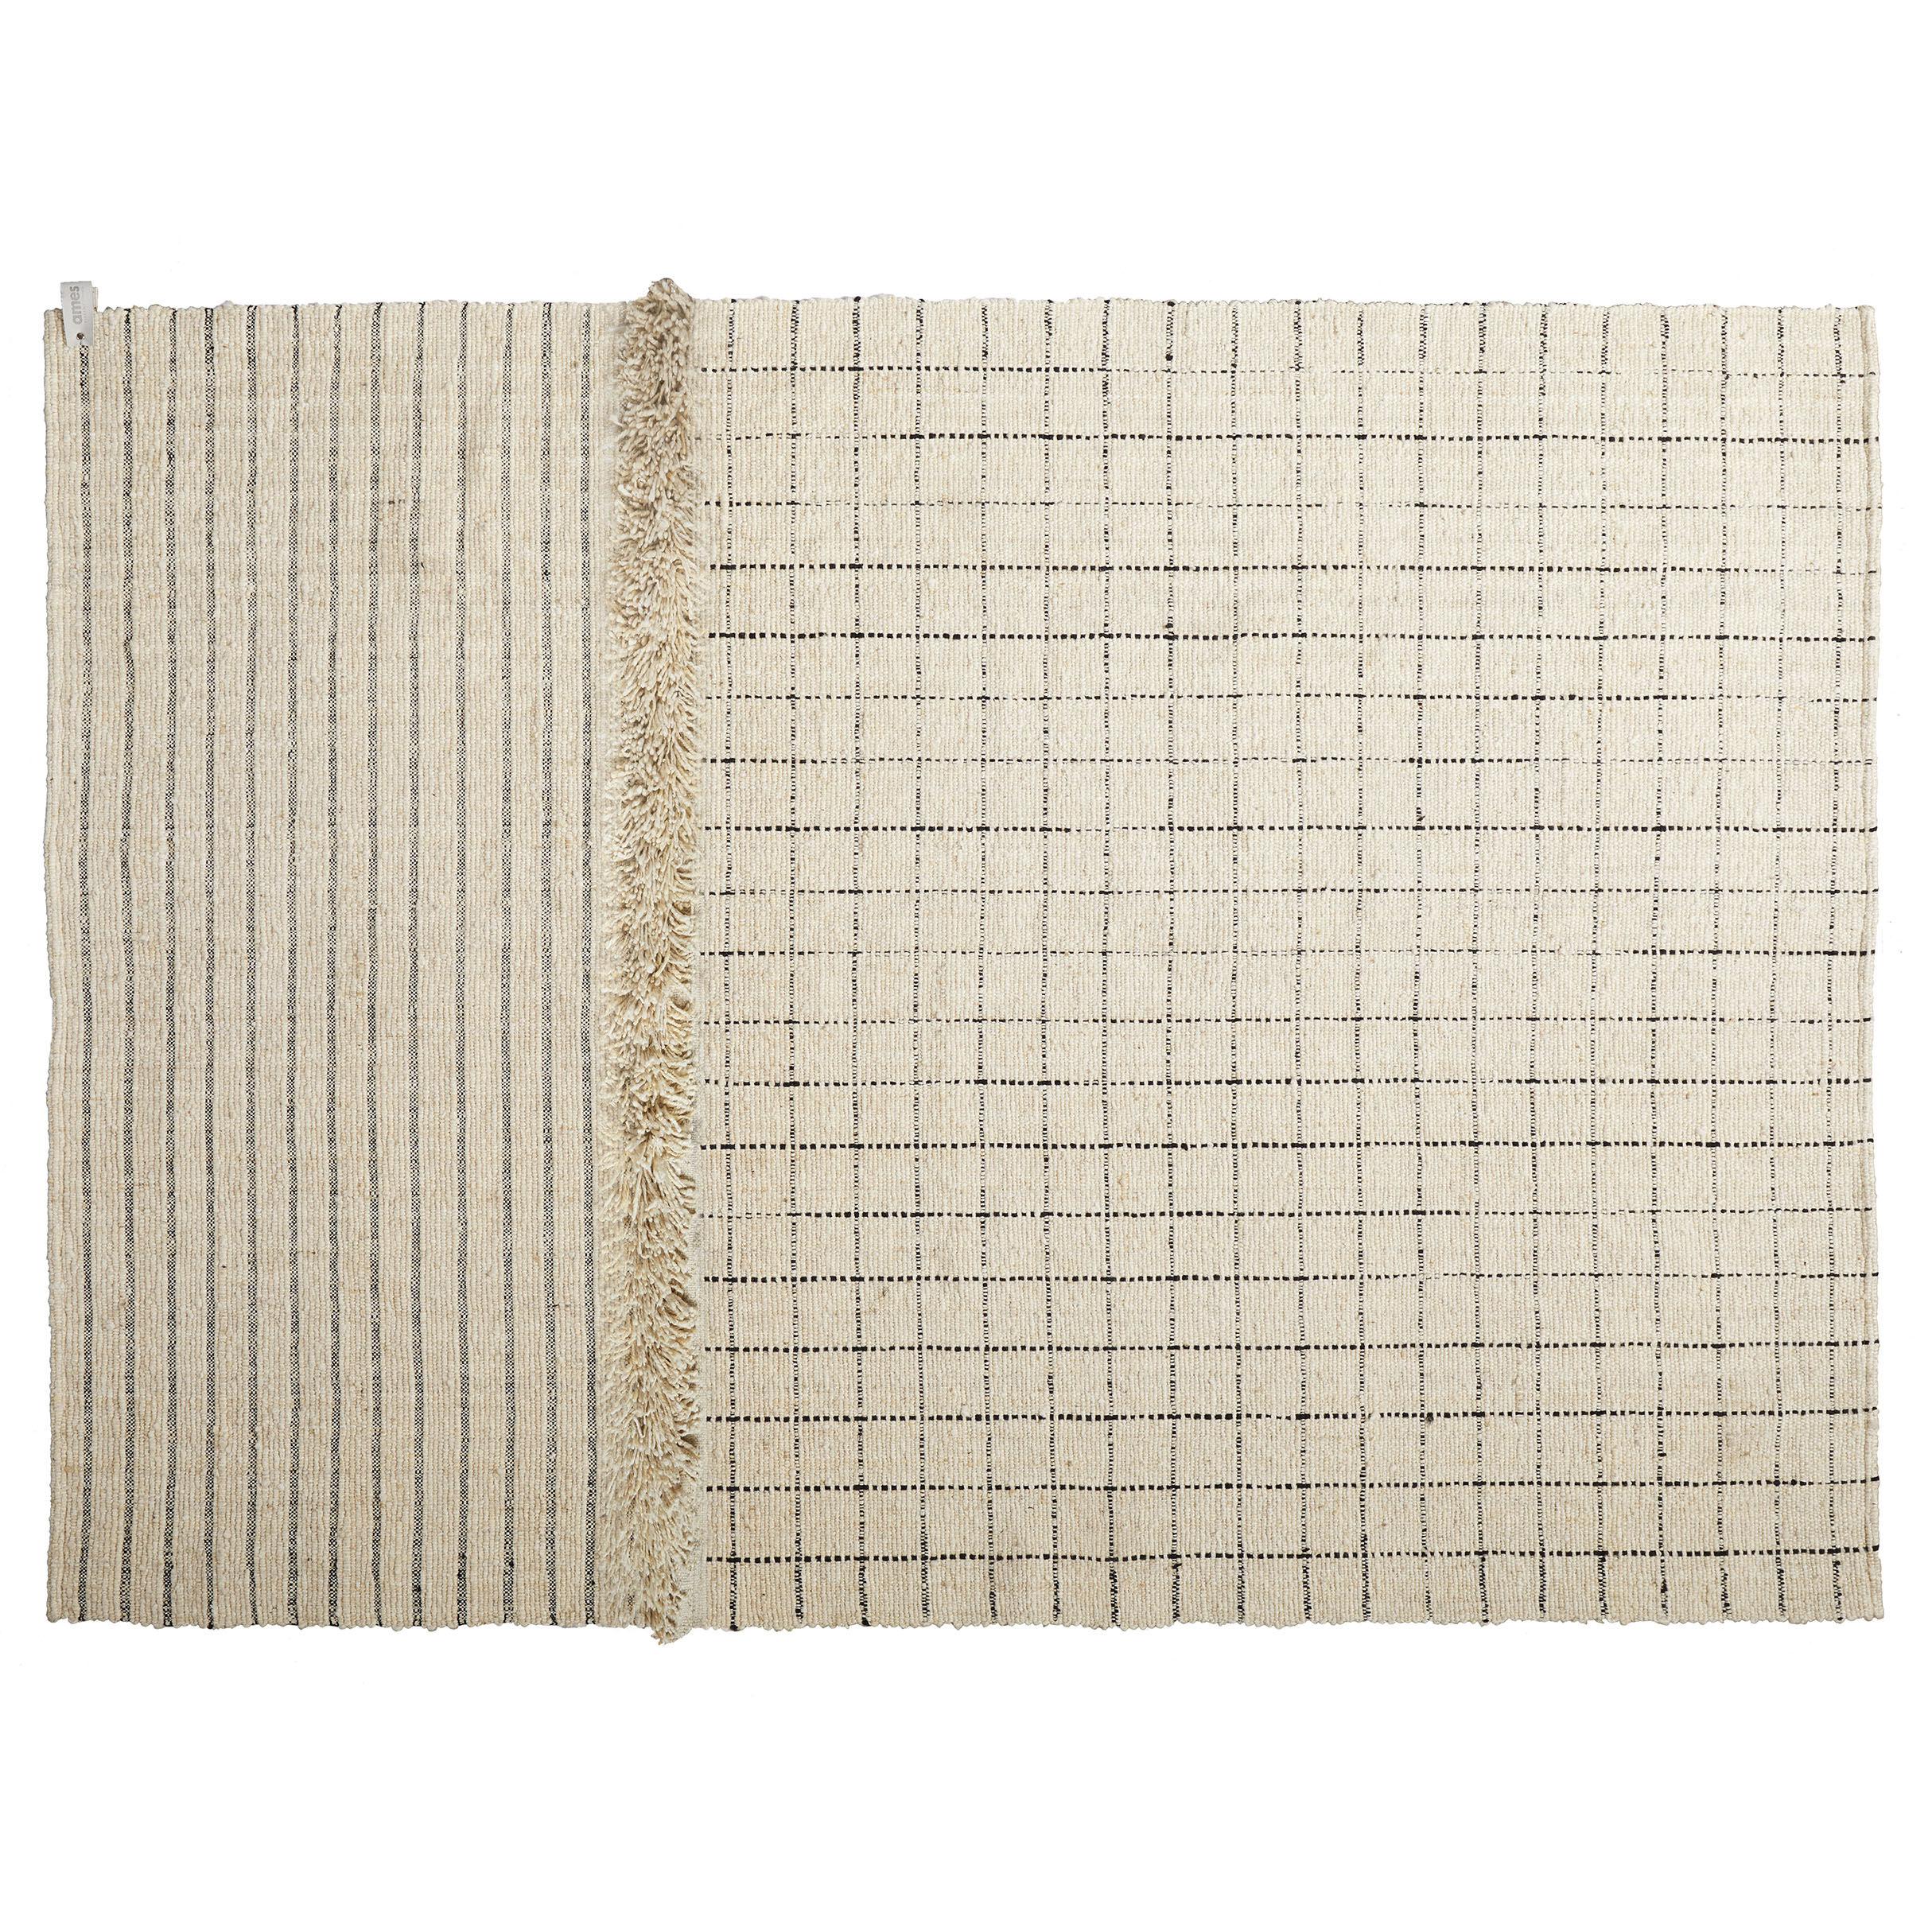 Decoration - Rugs - Subas Large - Karo Rug - / 420 x 310 cm - Wool by ames - 420 x 310 cm / Beige - Wool